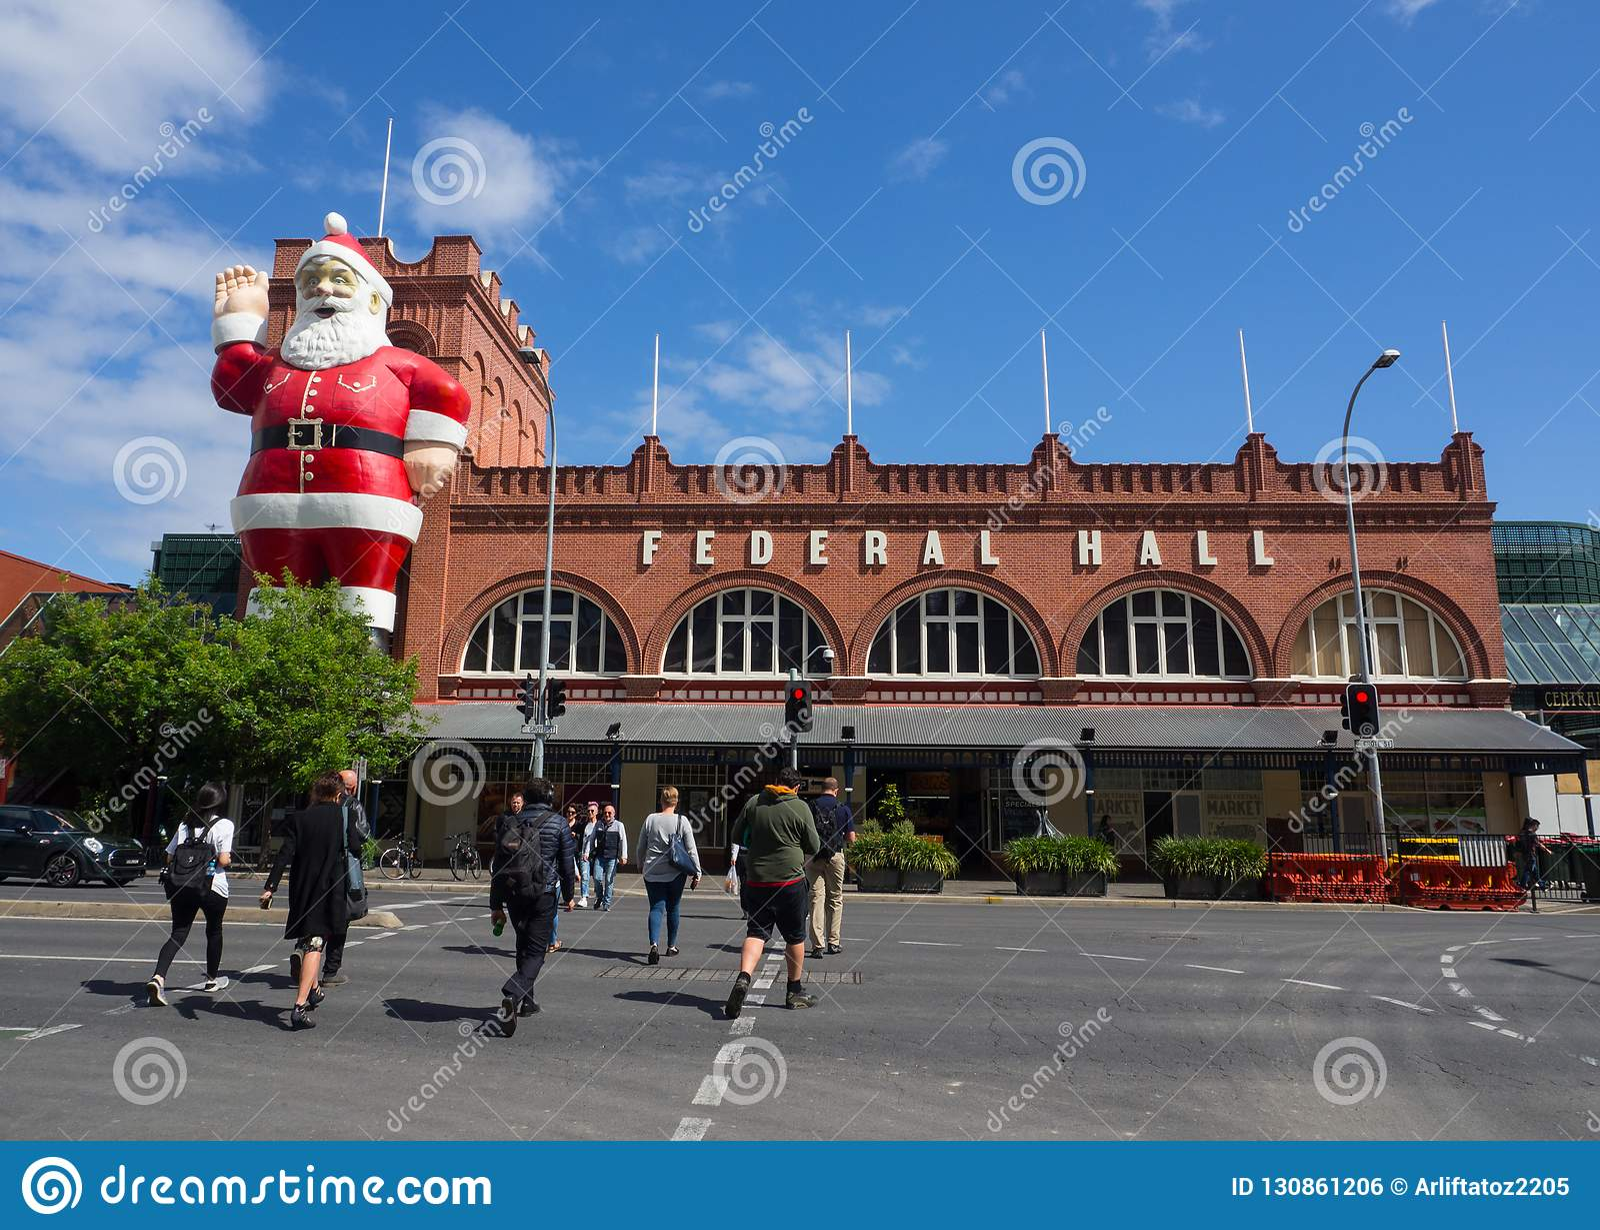 Το γιγαντιαίο γλυπτό Άγιου Βασίλη που συνδέεται σε μια οικοδόμηση προσόψεων της κεντρικής αγοράς της Αδελαΐδα, αυτό είναι επίσης